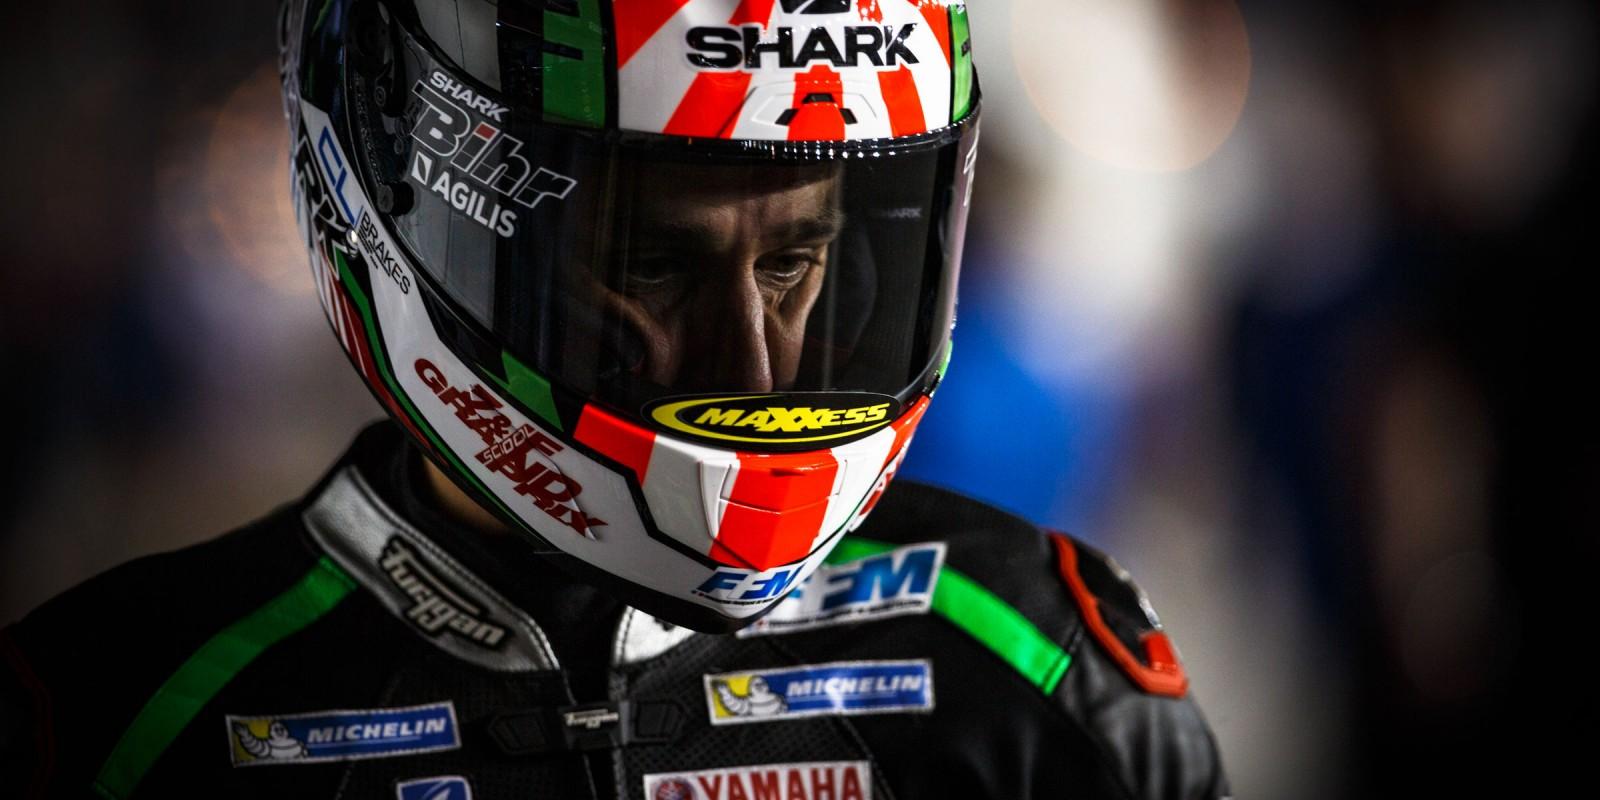 Johann Zarco at the 2017 Grand Prix of Qatar